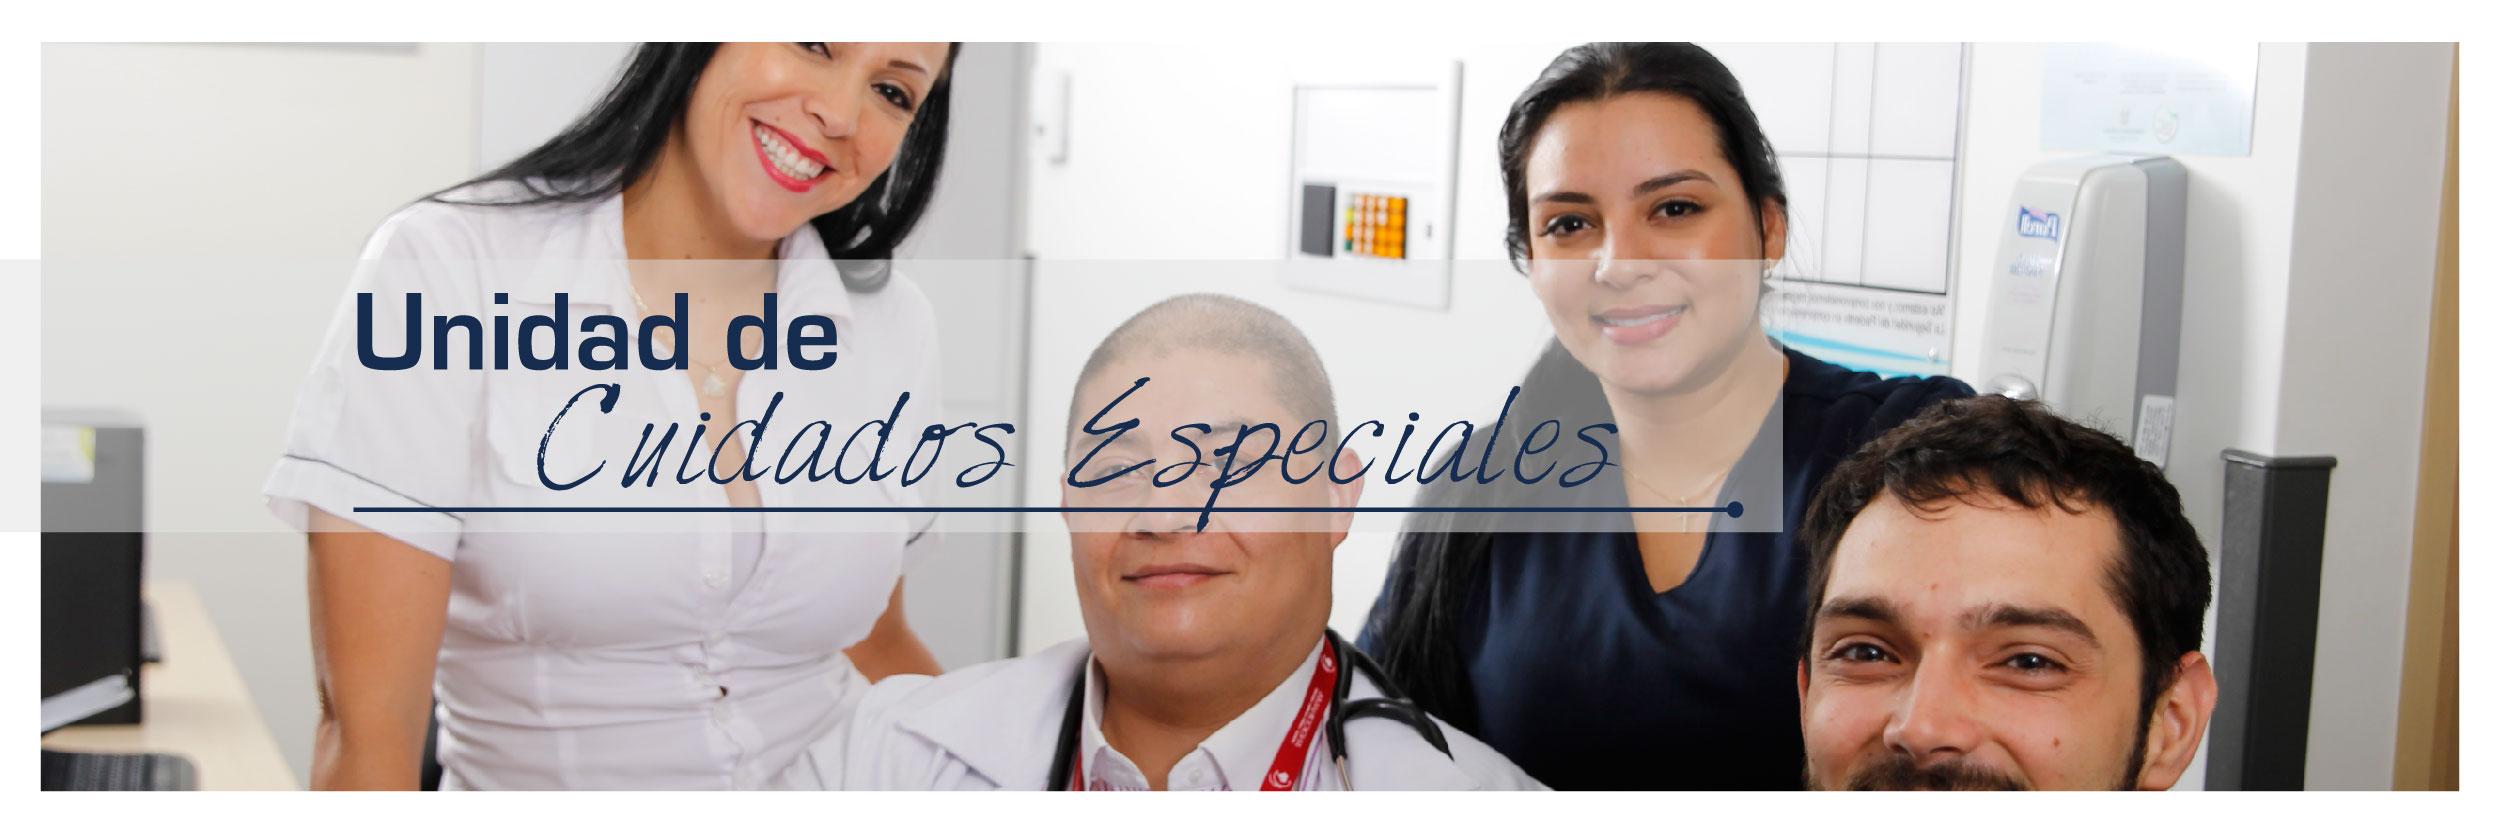 Unidad de Cuidados Especiales en la Clínica del Norte en Bello Antioquia